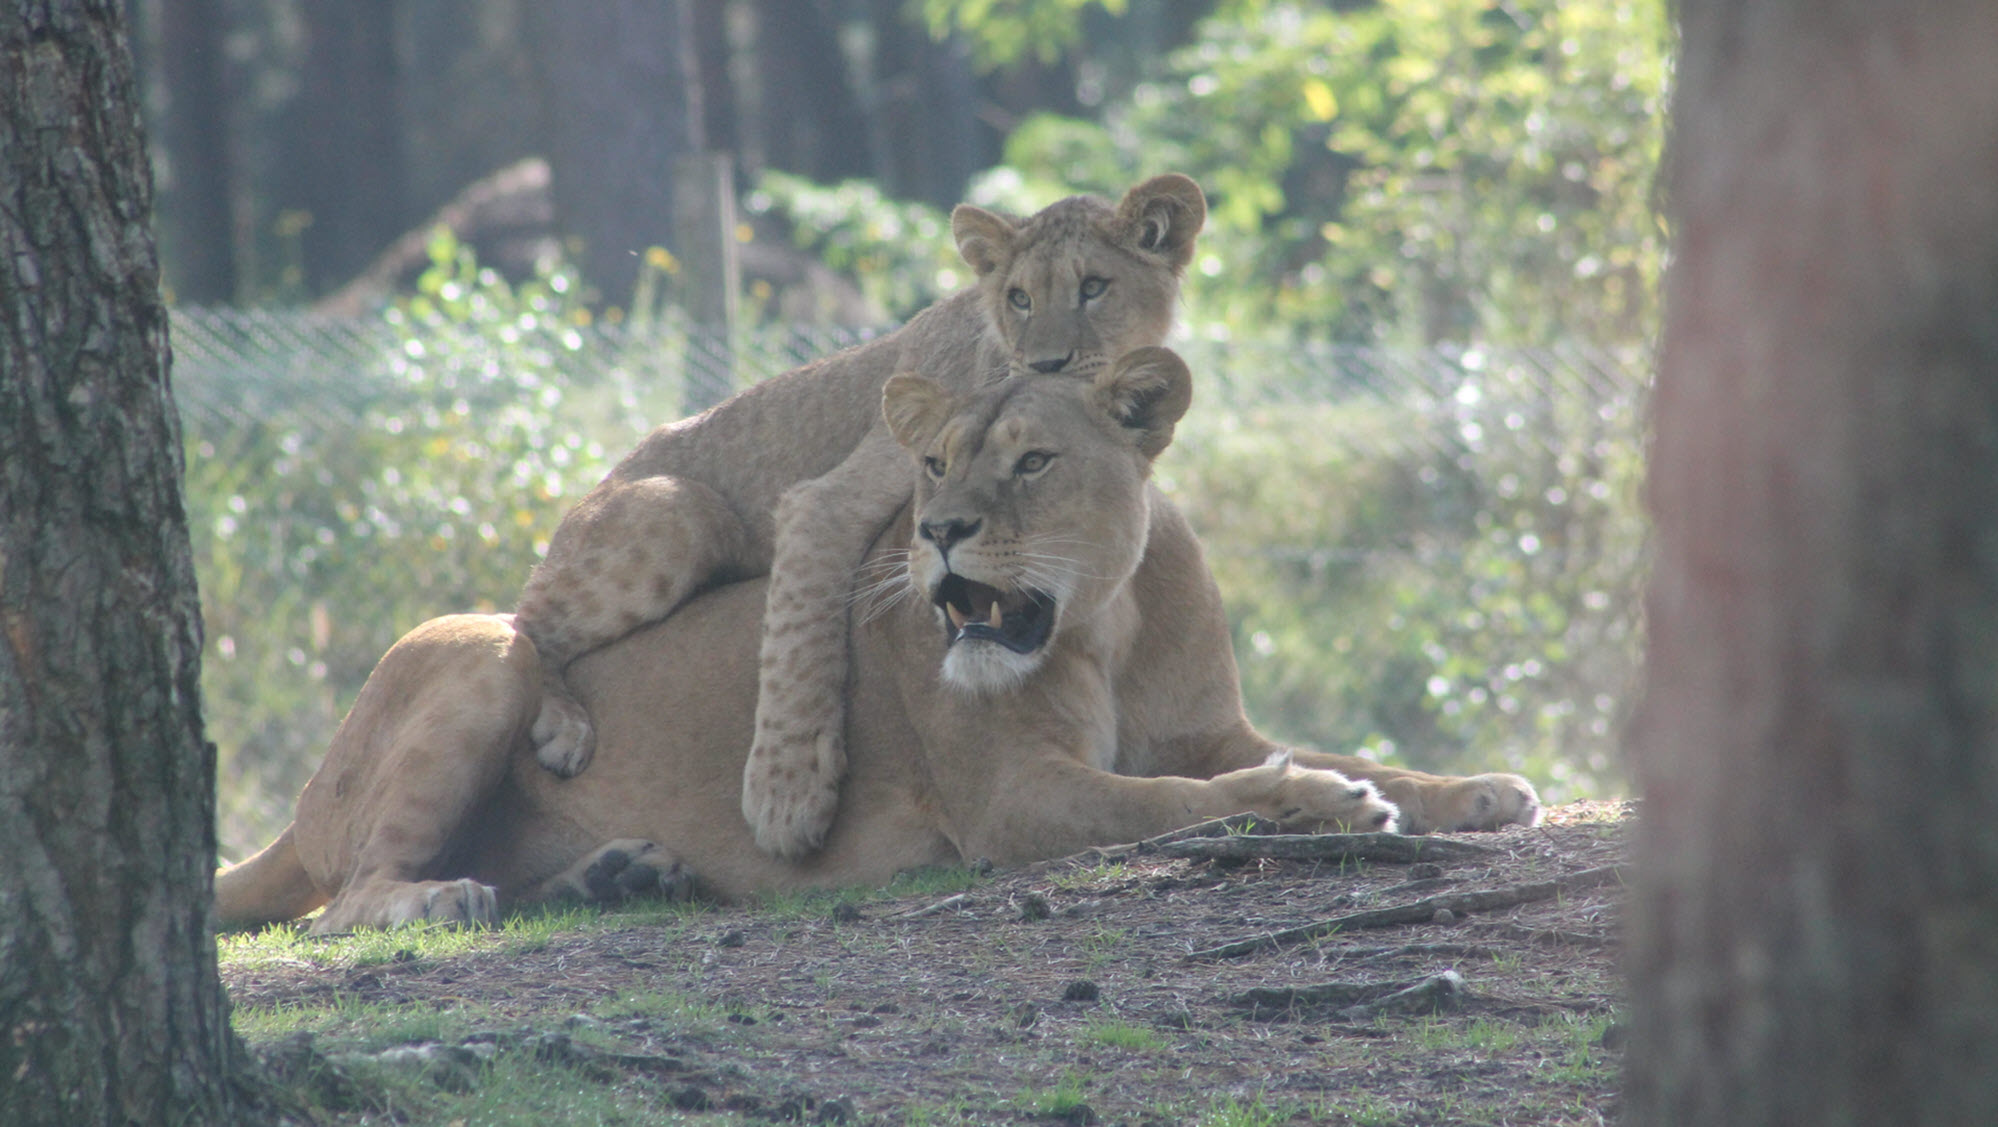 SafariparkBeekseBergen 1